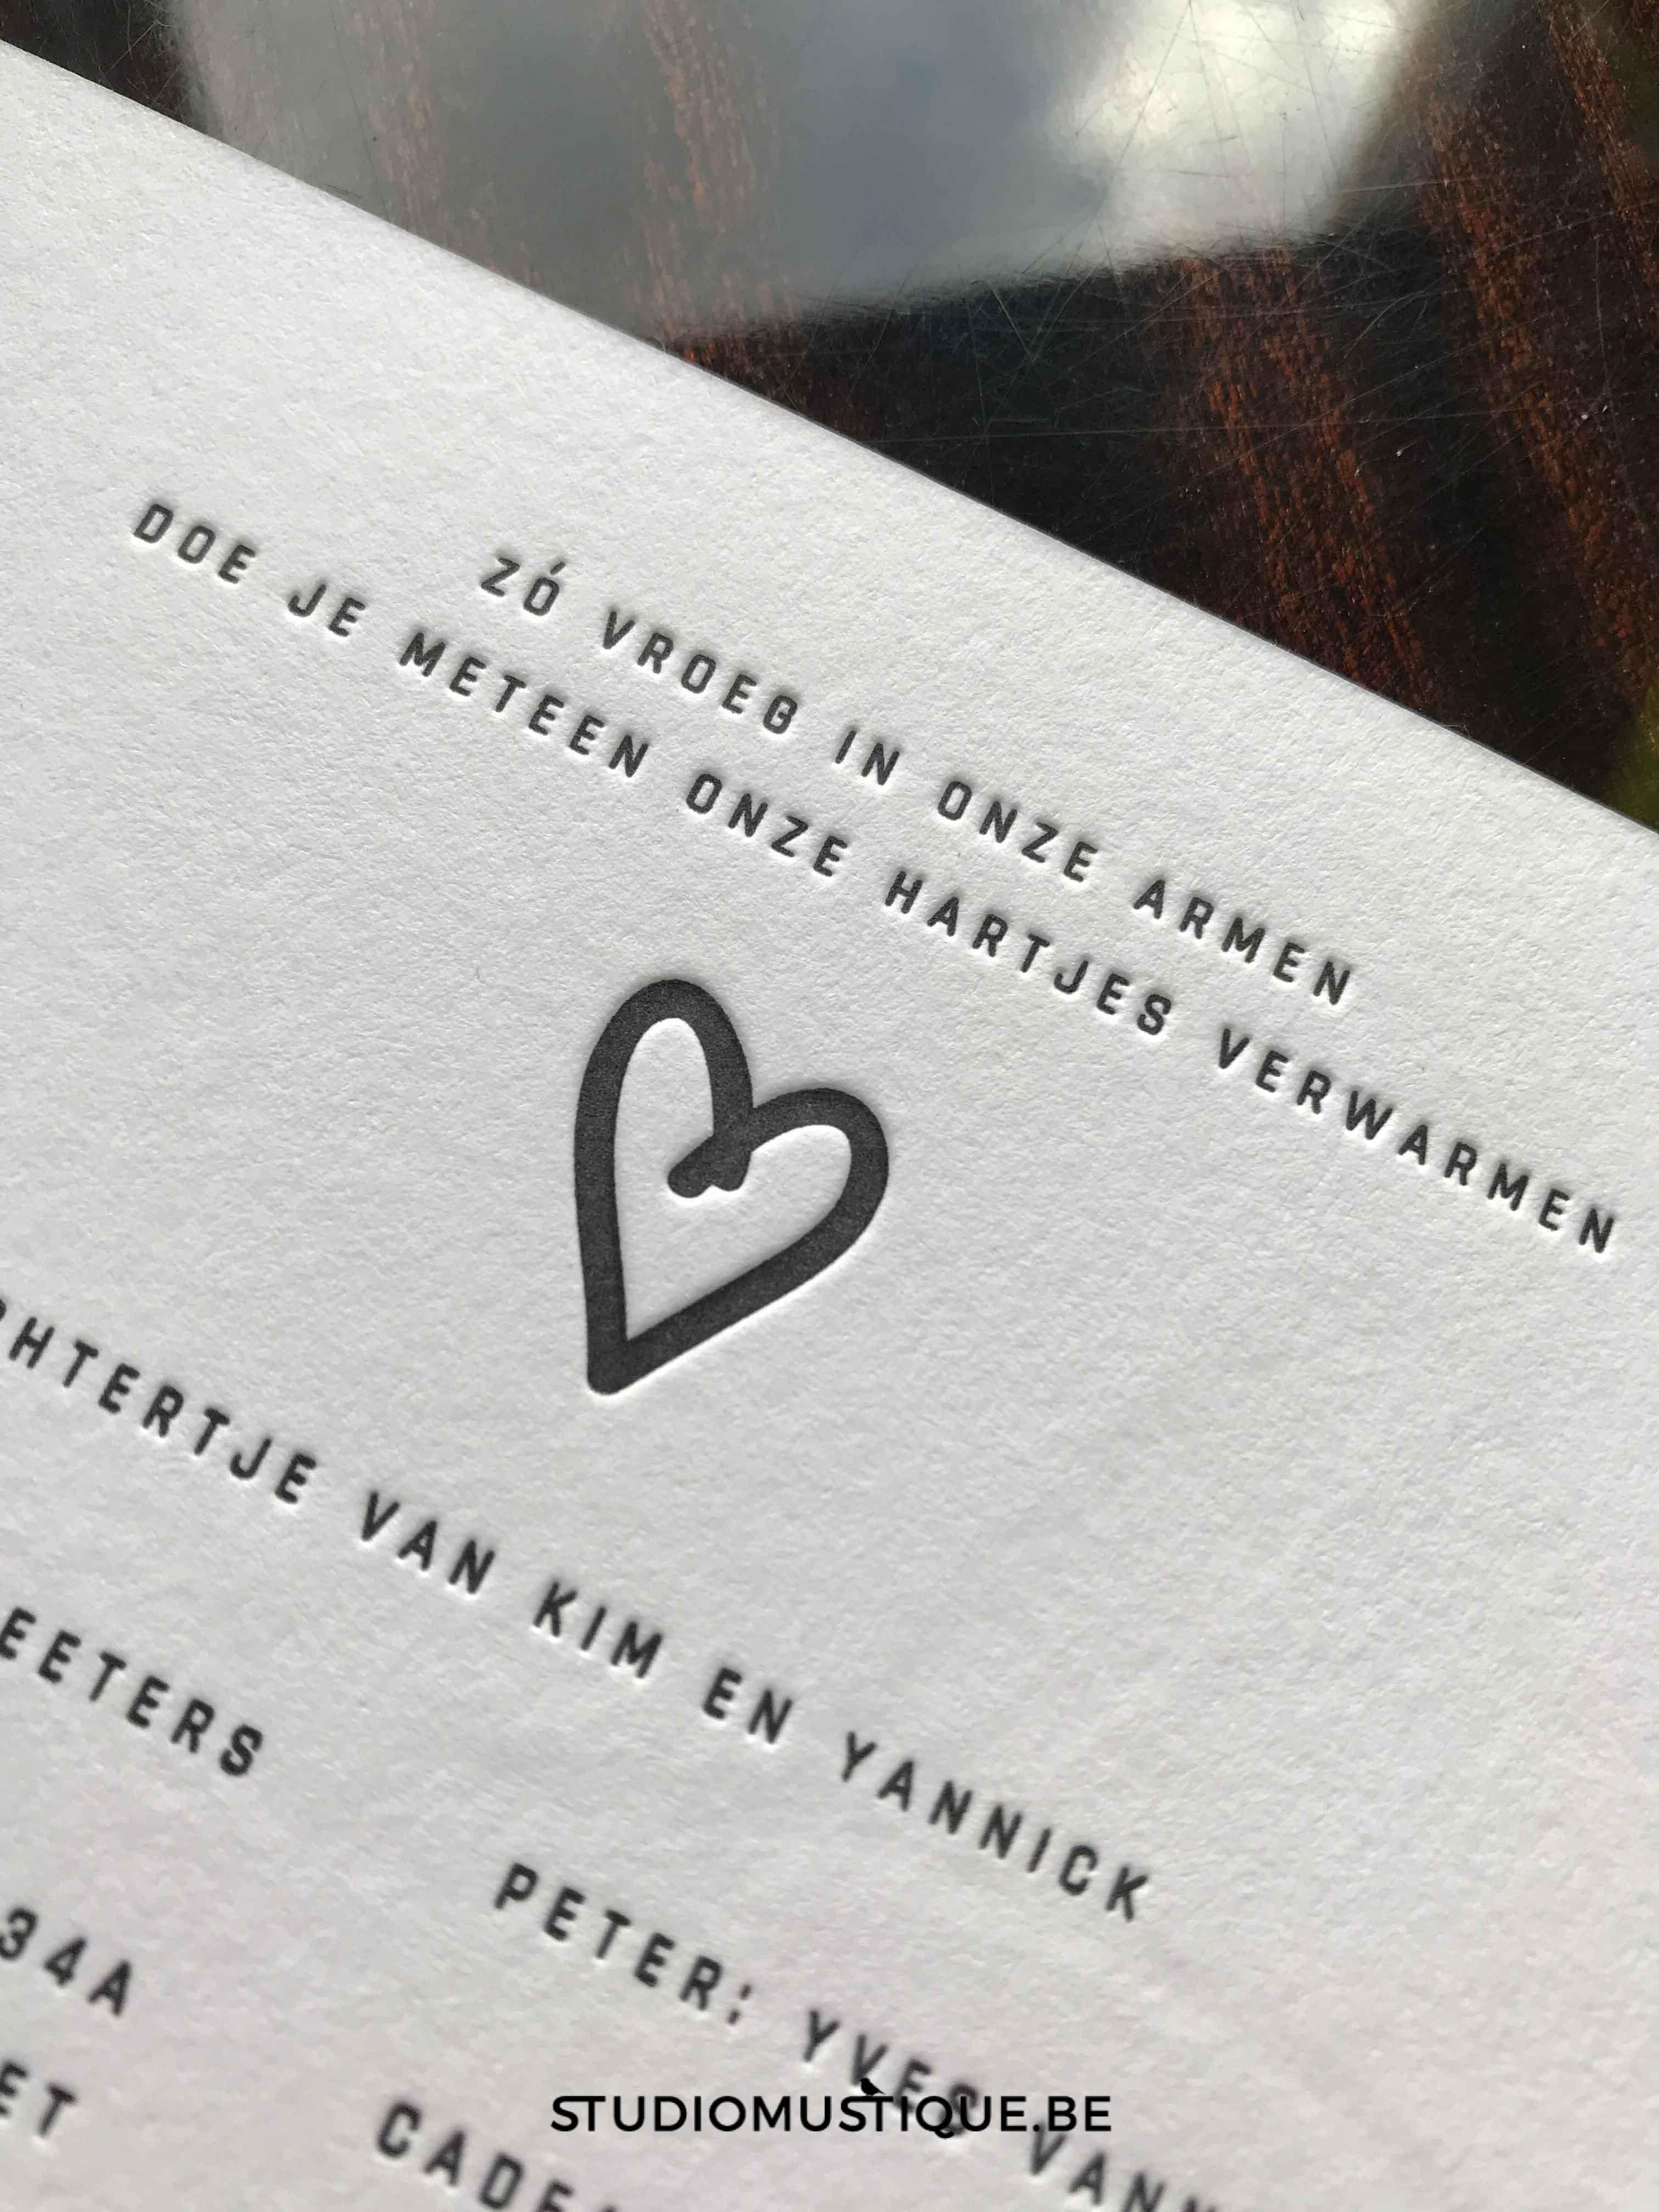 Studio Mustique - Geboortekaartje letterpress Jackie folie op snee, minimalistisch, sierlijk handwriting, tekstje vroeg geboren.